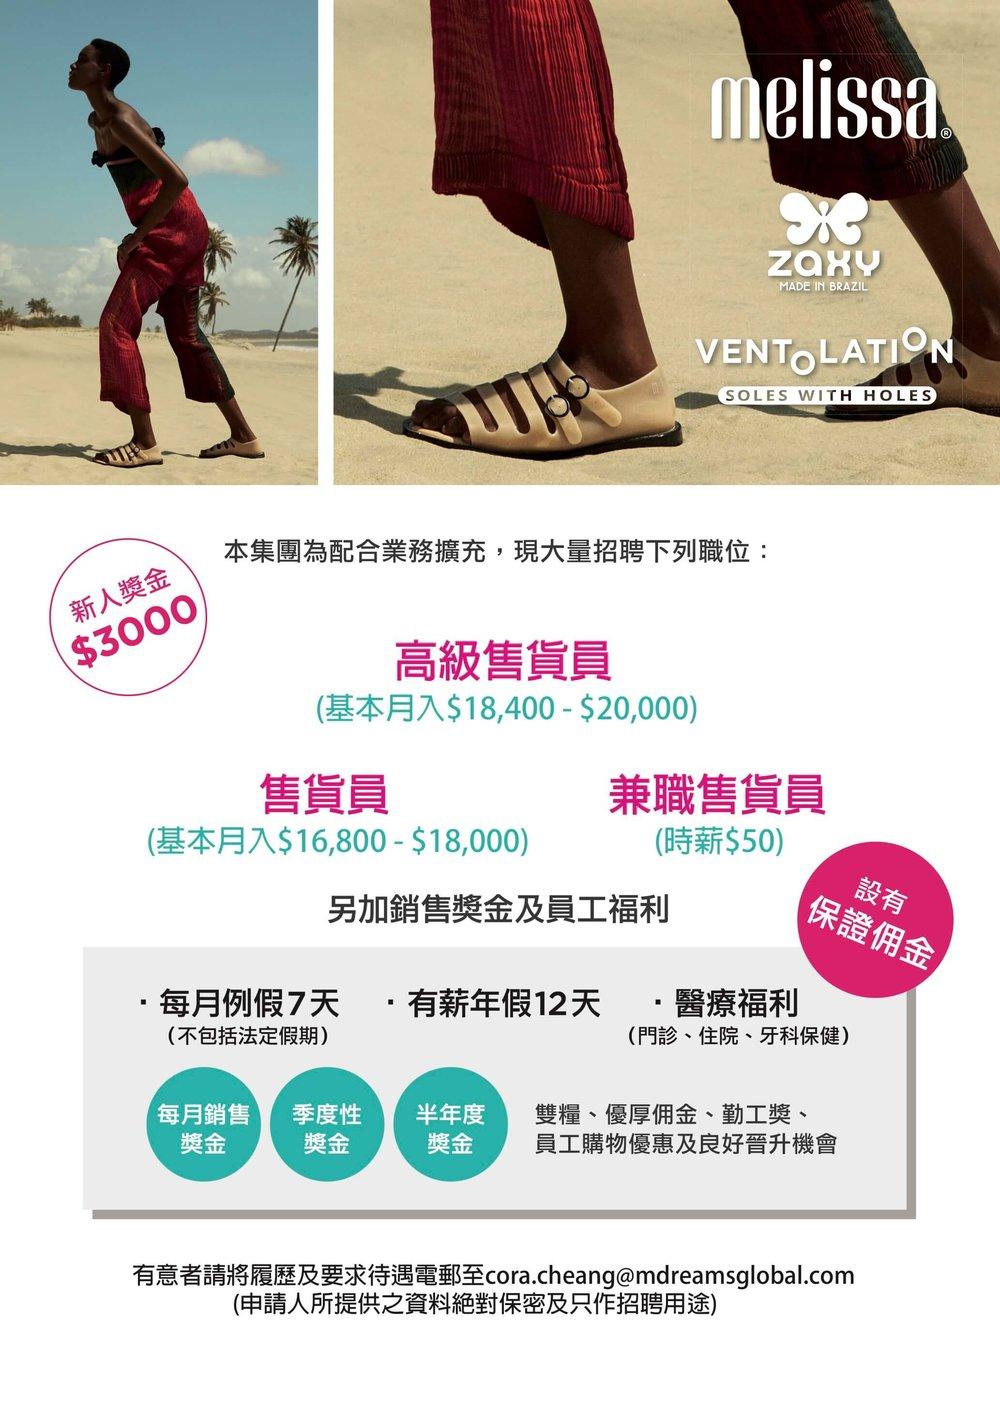 jobscall.me_181101_RecruitmentAd_Retail_03_A4_path_Macau side.jpg